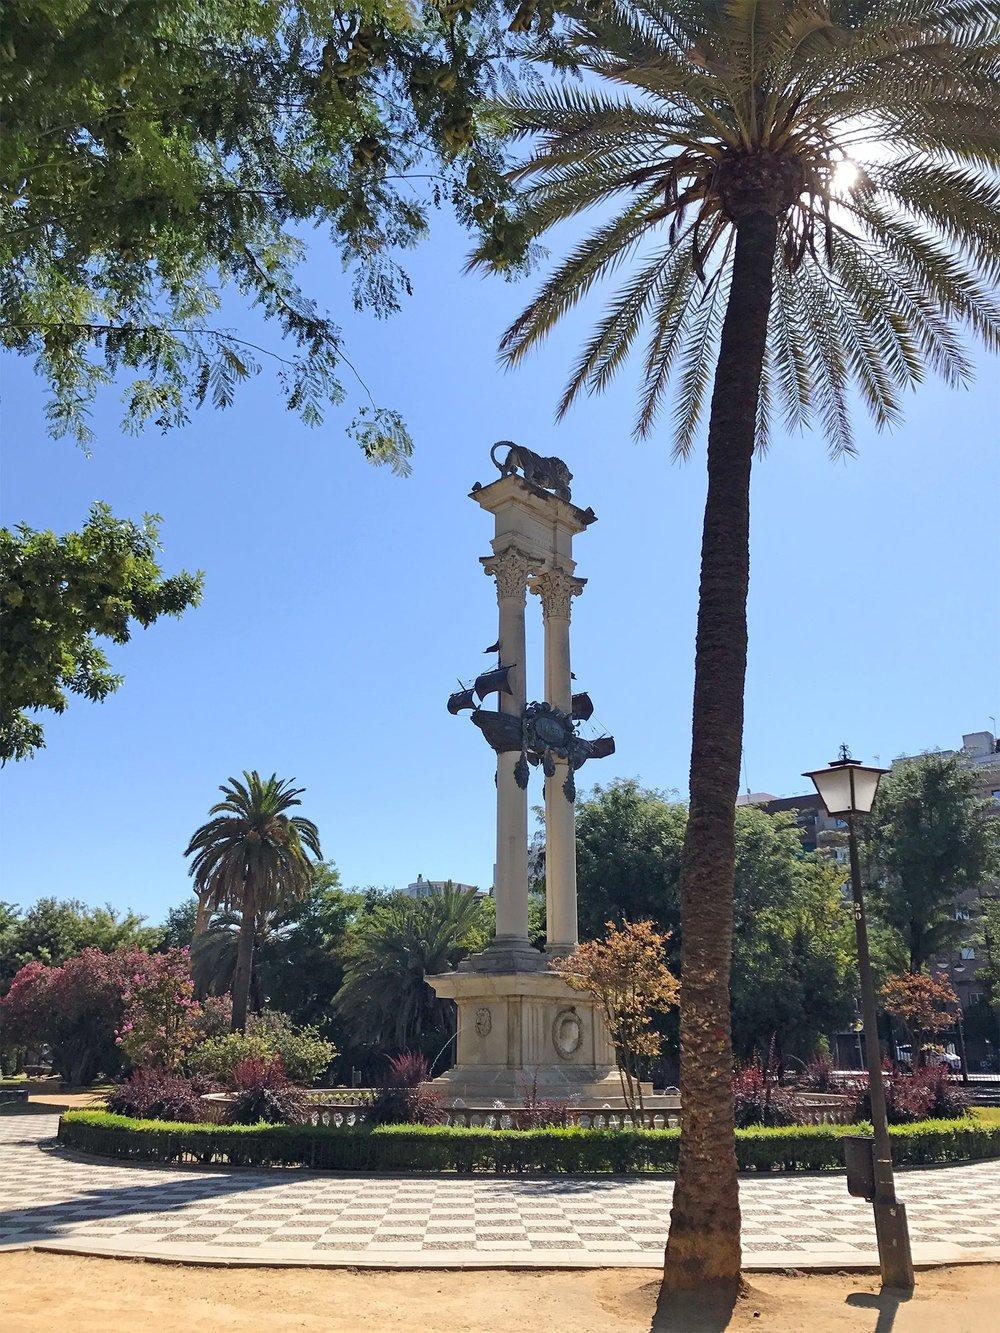 Seville Spain park statue.jpg